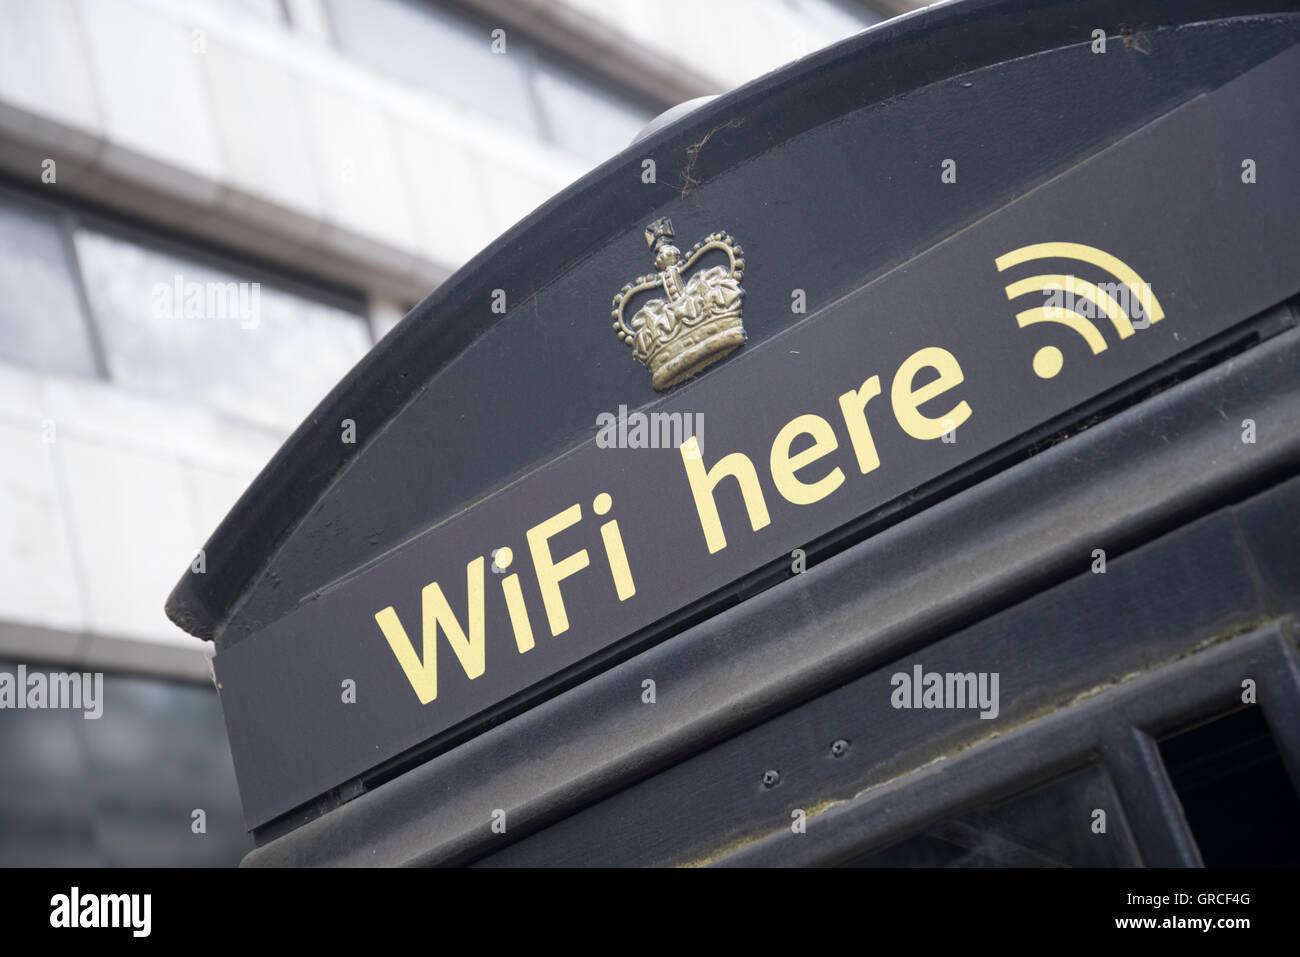 Proveedor de Wifi teléfono Londres convertida de verificación, en el centro de Londres. Imagen De Stock